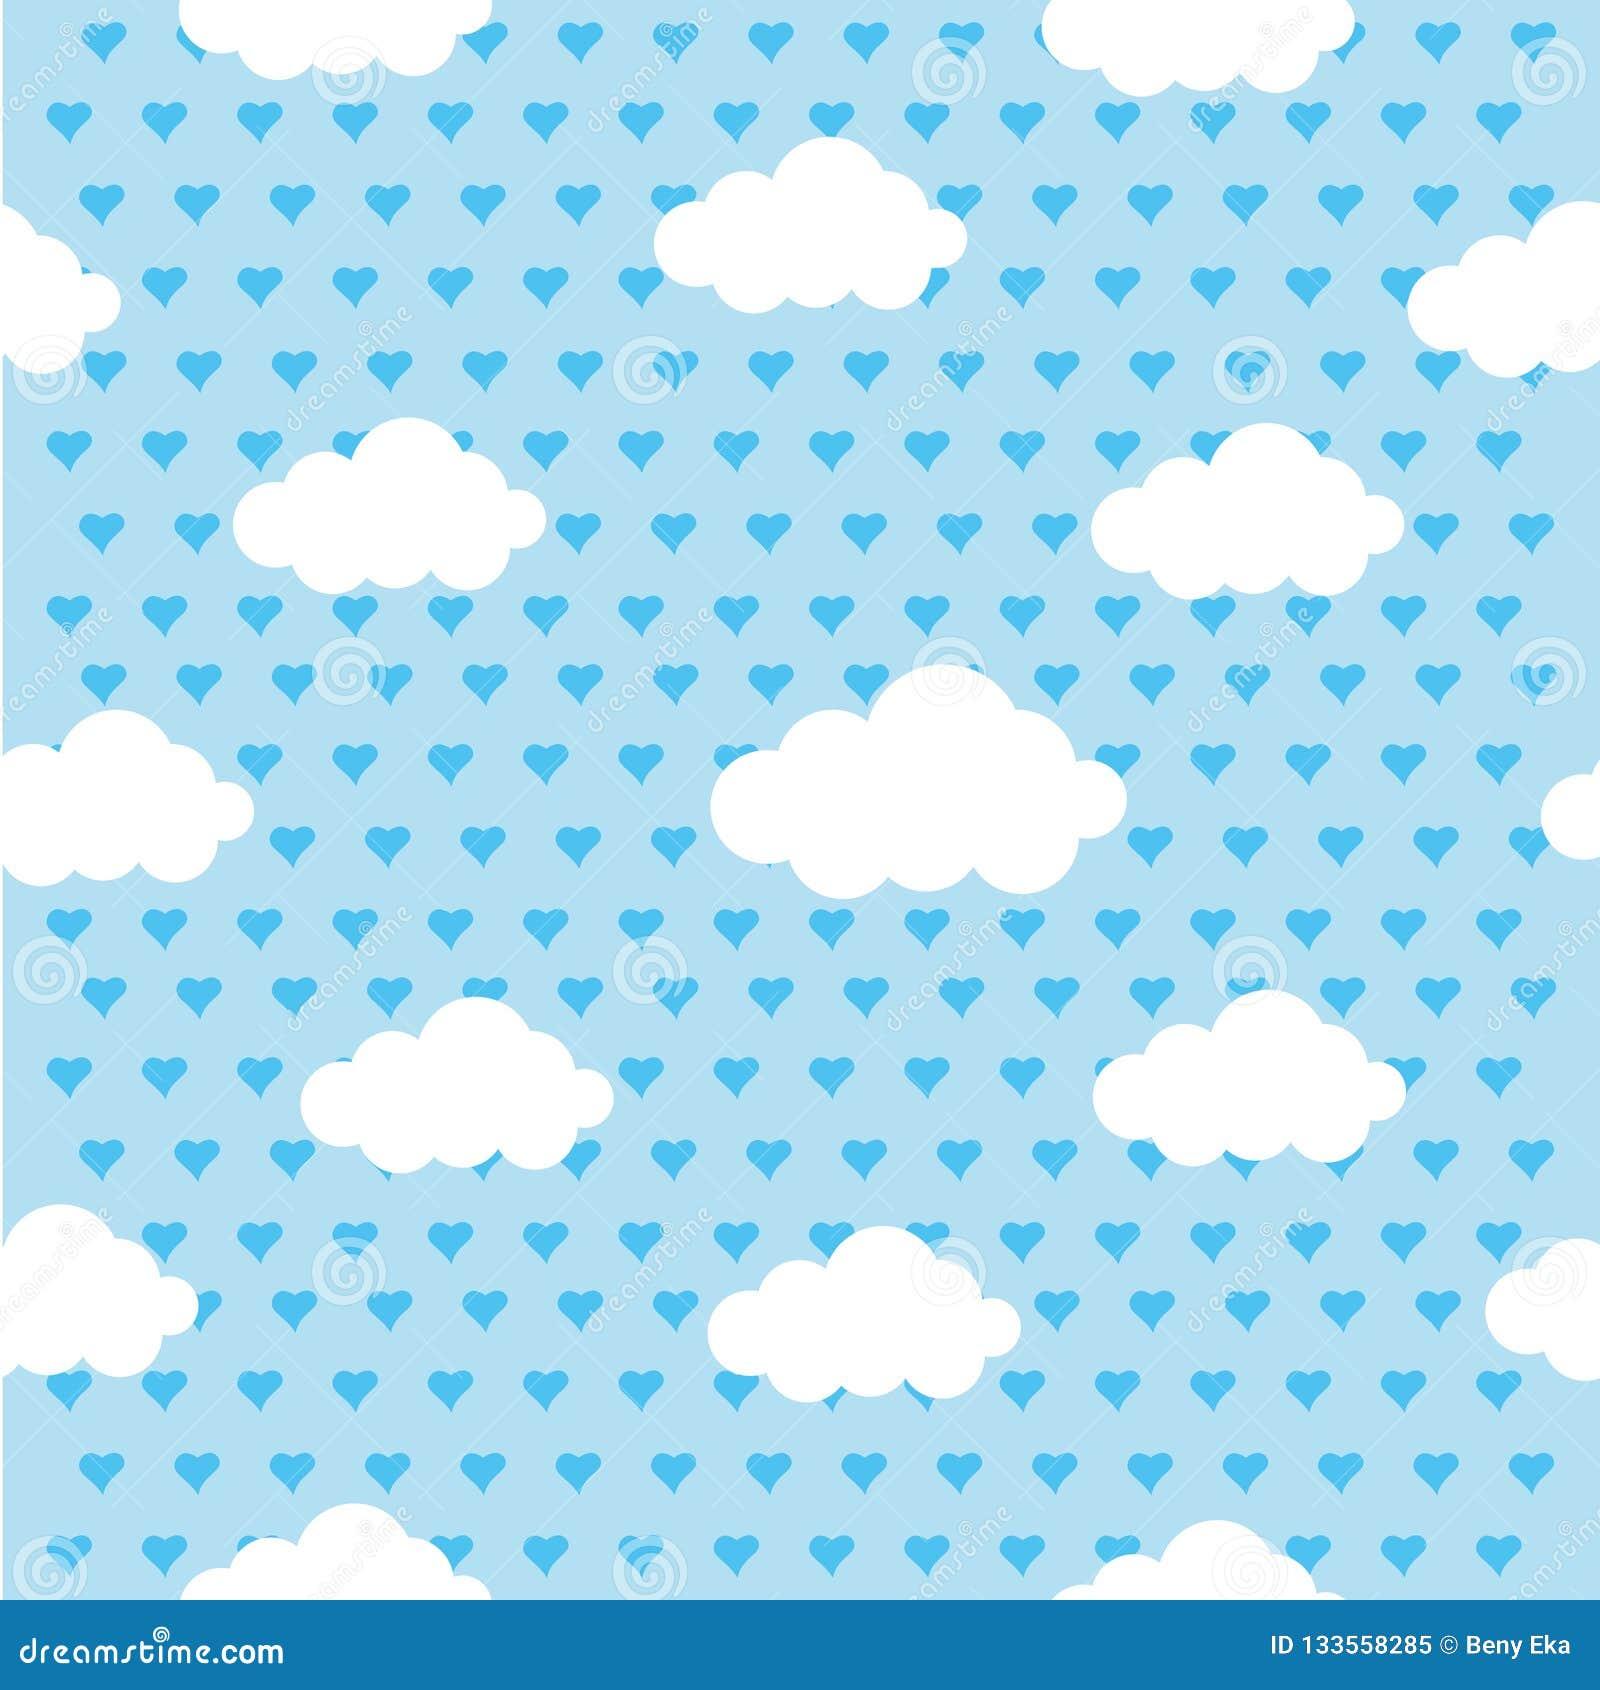 Kleurrijke couds en harten naadloze herhaalde van de achtergrond patroontextuur vectorafbeeldingenillustratie